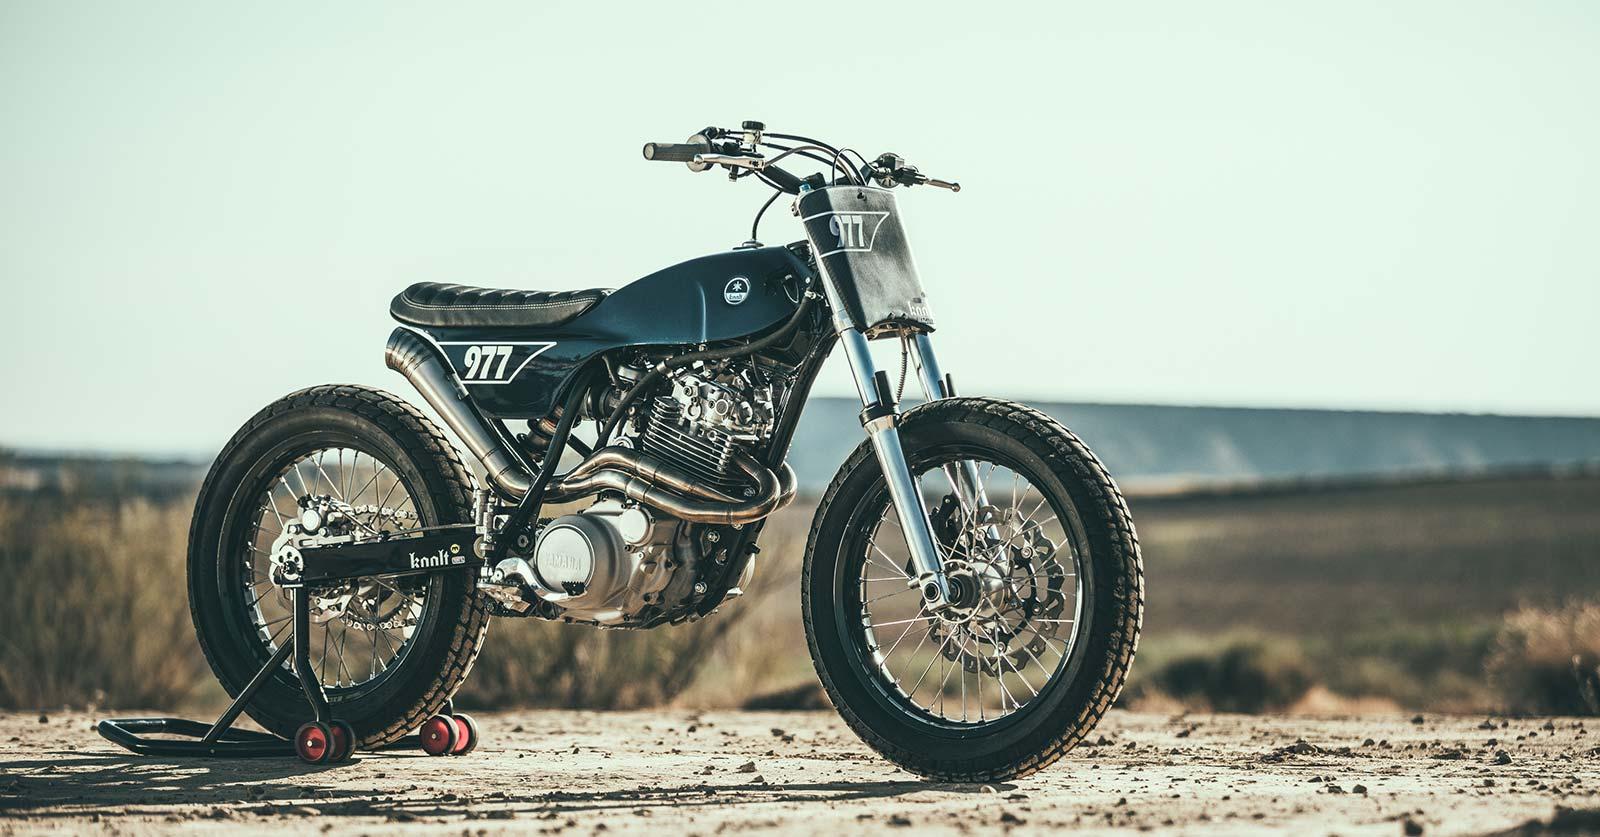 El Trasplante: A Yamaha XT 600 with Bultaco bodywork